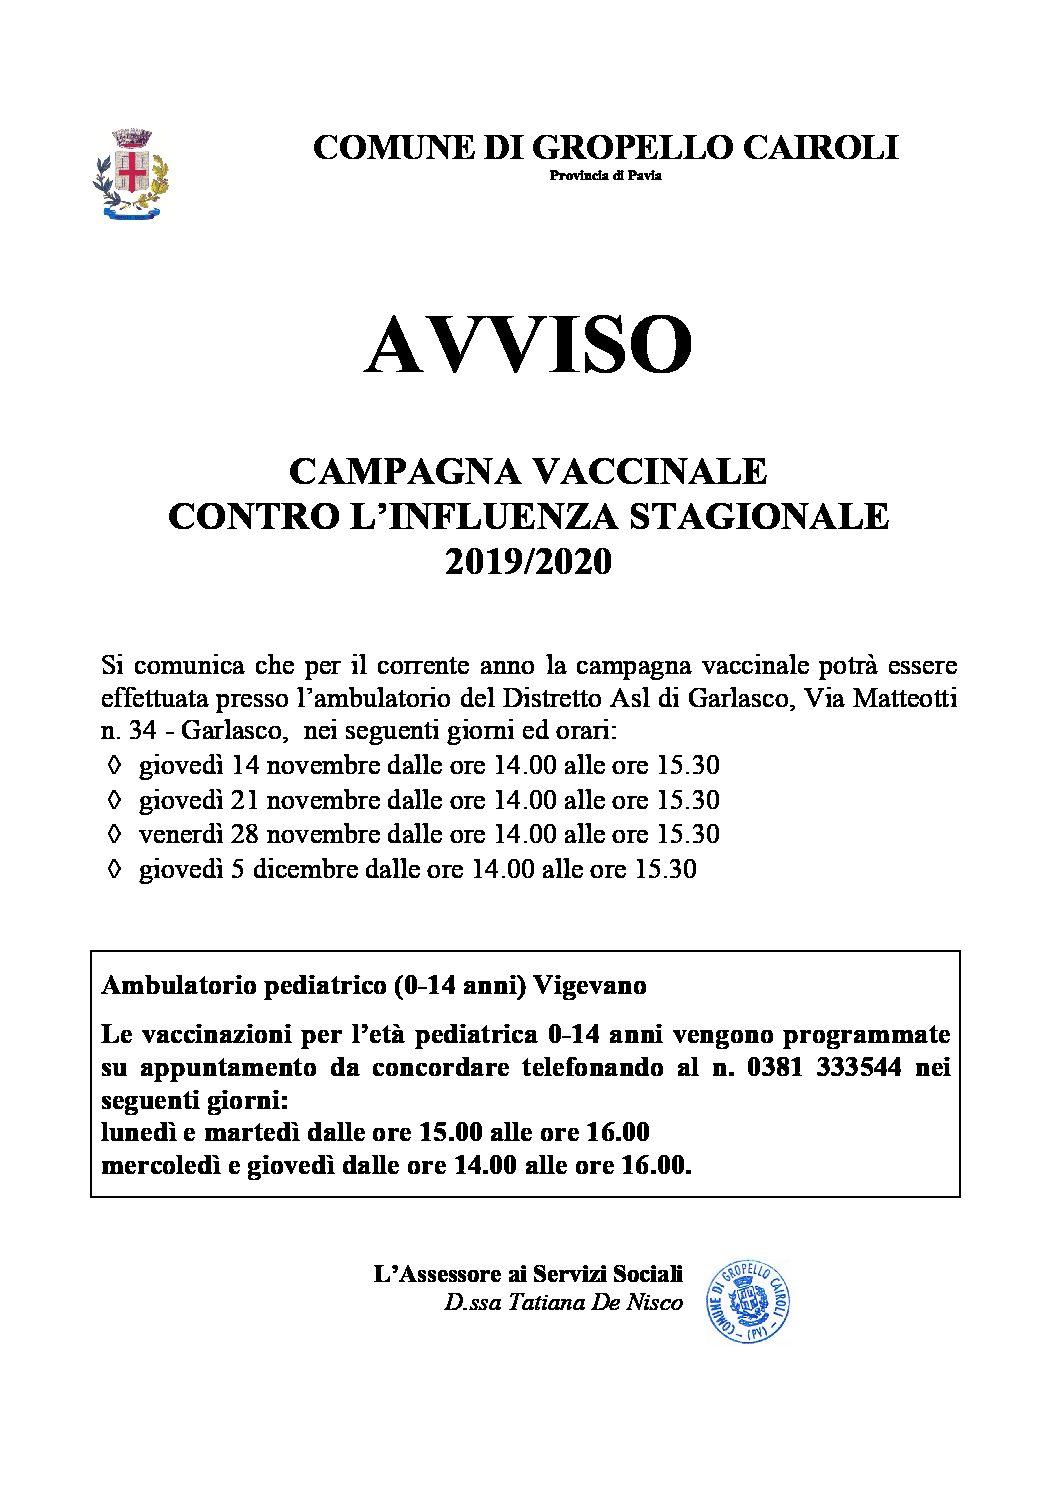 Campagna vaccinale contro l'influenza stagionale 2019/2020